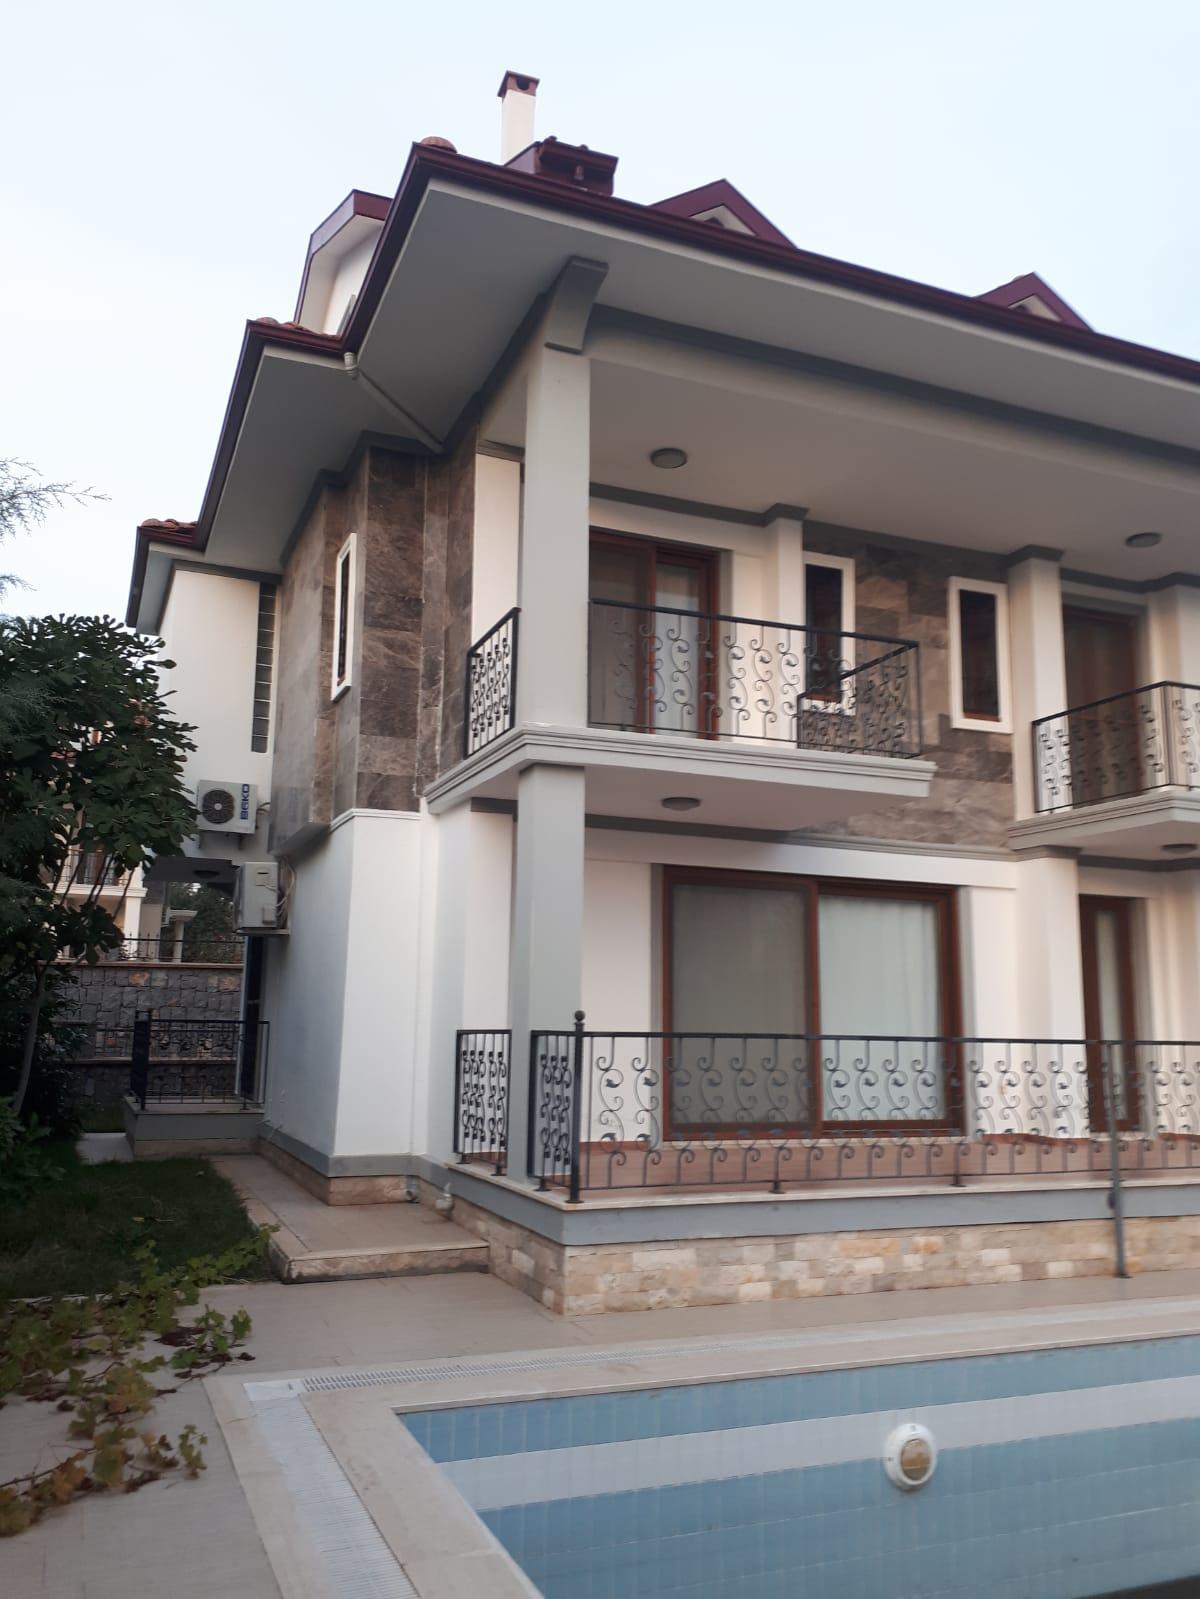 4 Bedroomed 3 bathroom Triplex (2 en-suit) Fully Furnished Villa – Fethiye, Ovacik